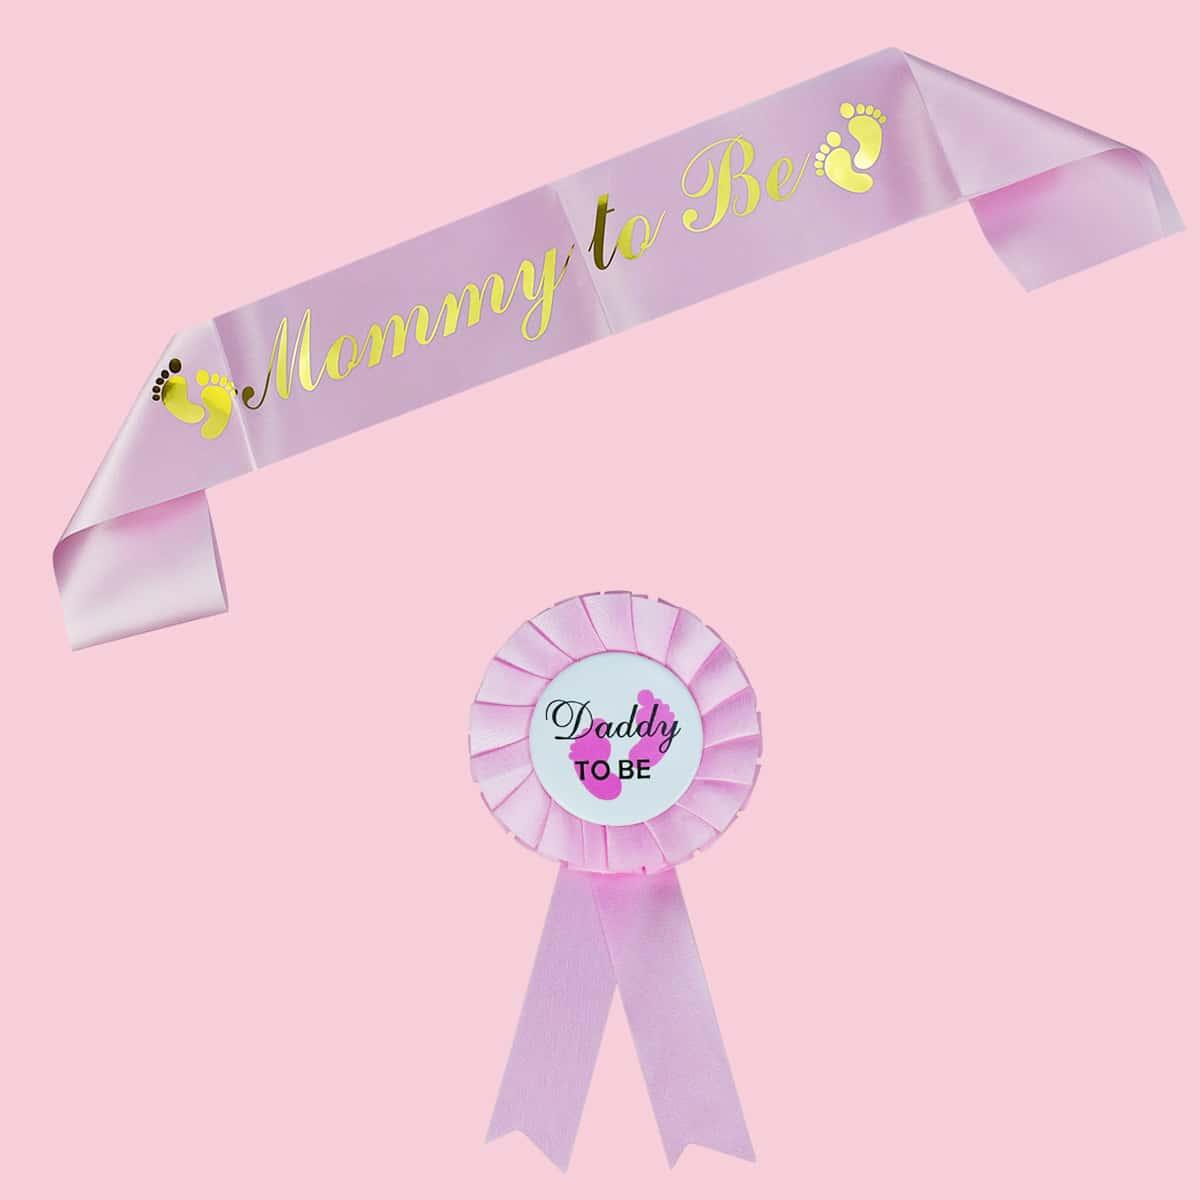 2шт Кушак & медаль для вечеринки бейби шауэр